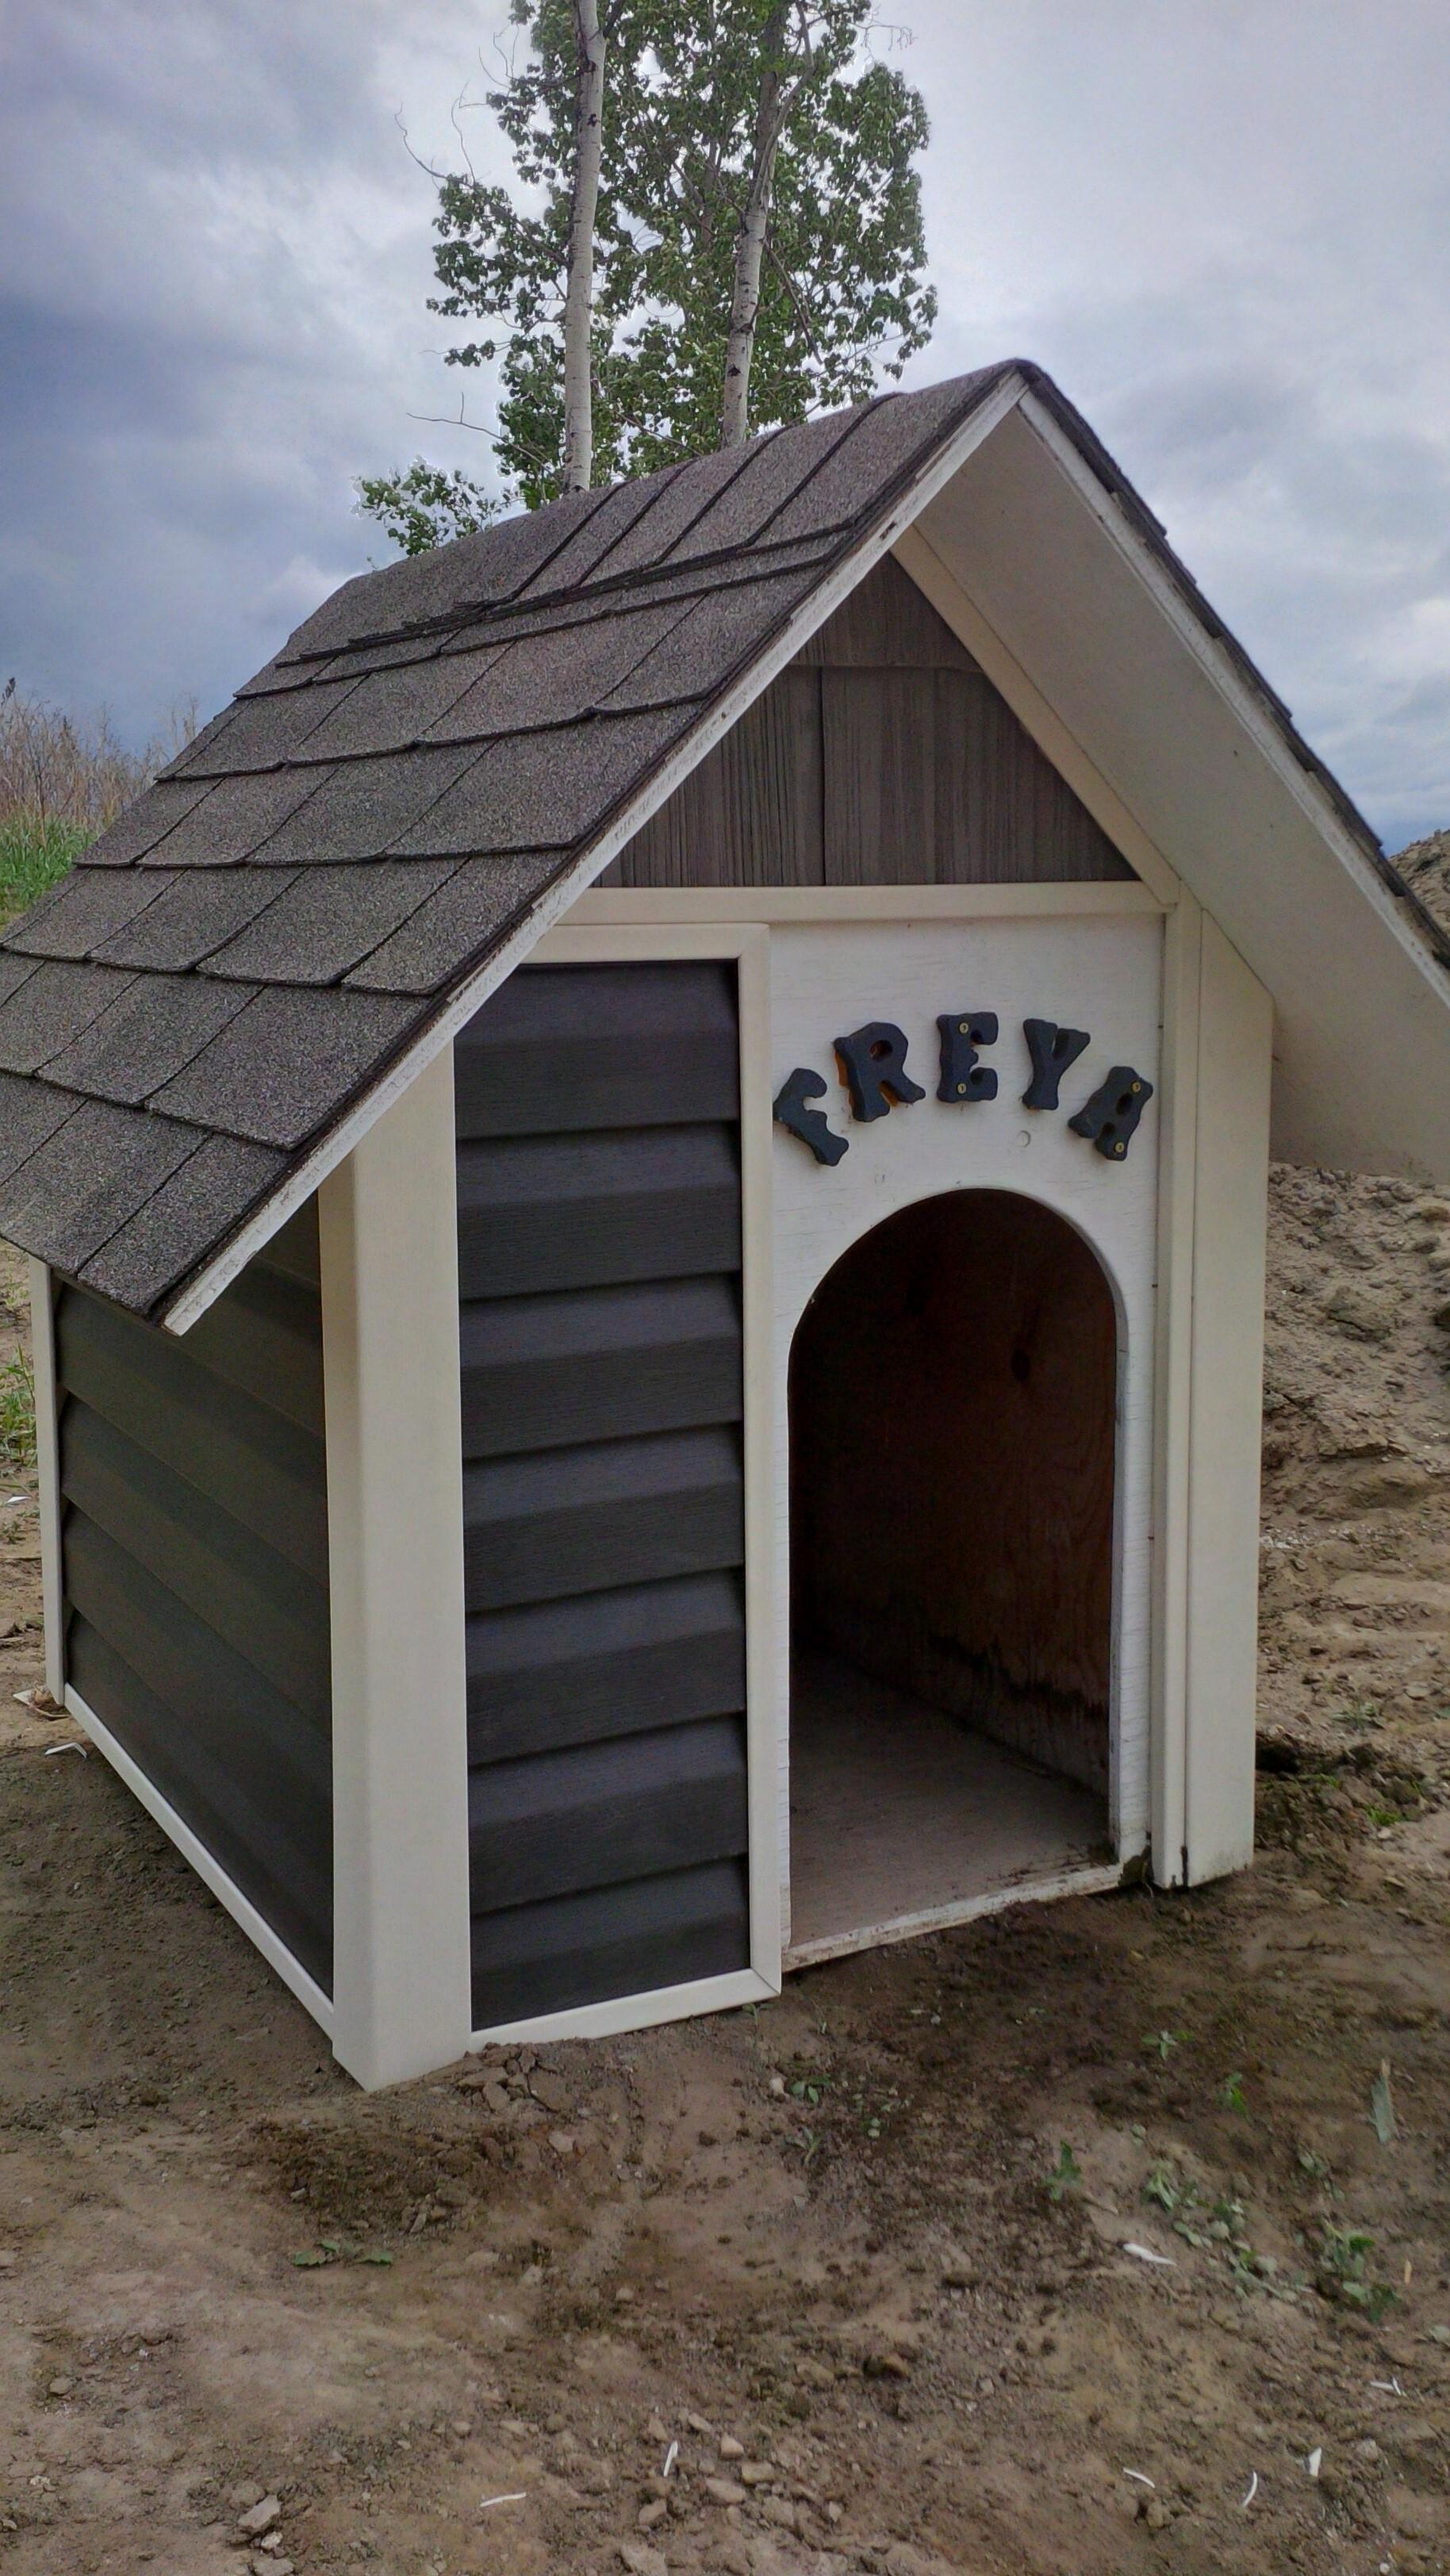 Freya's Home